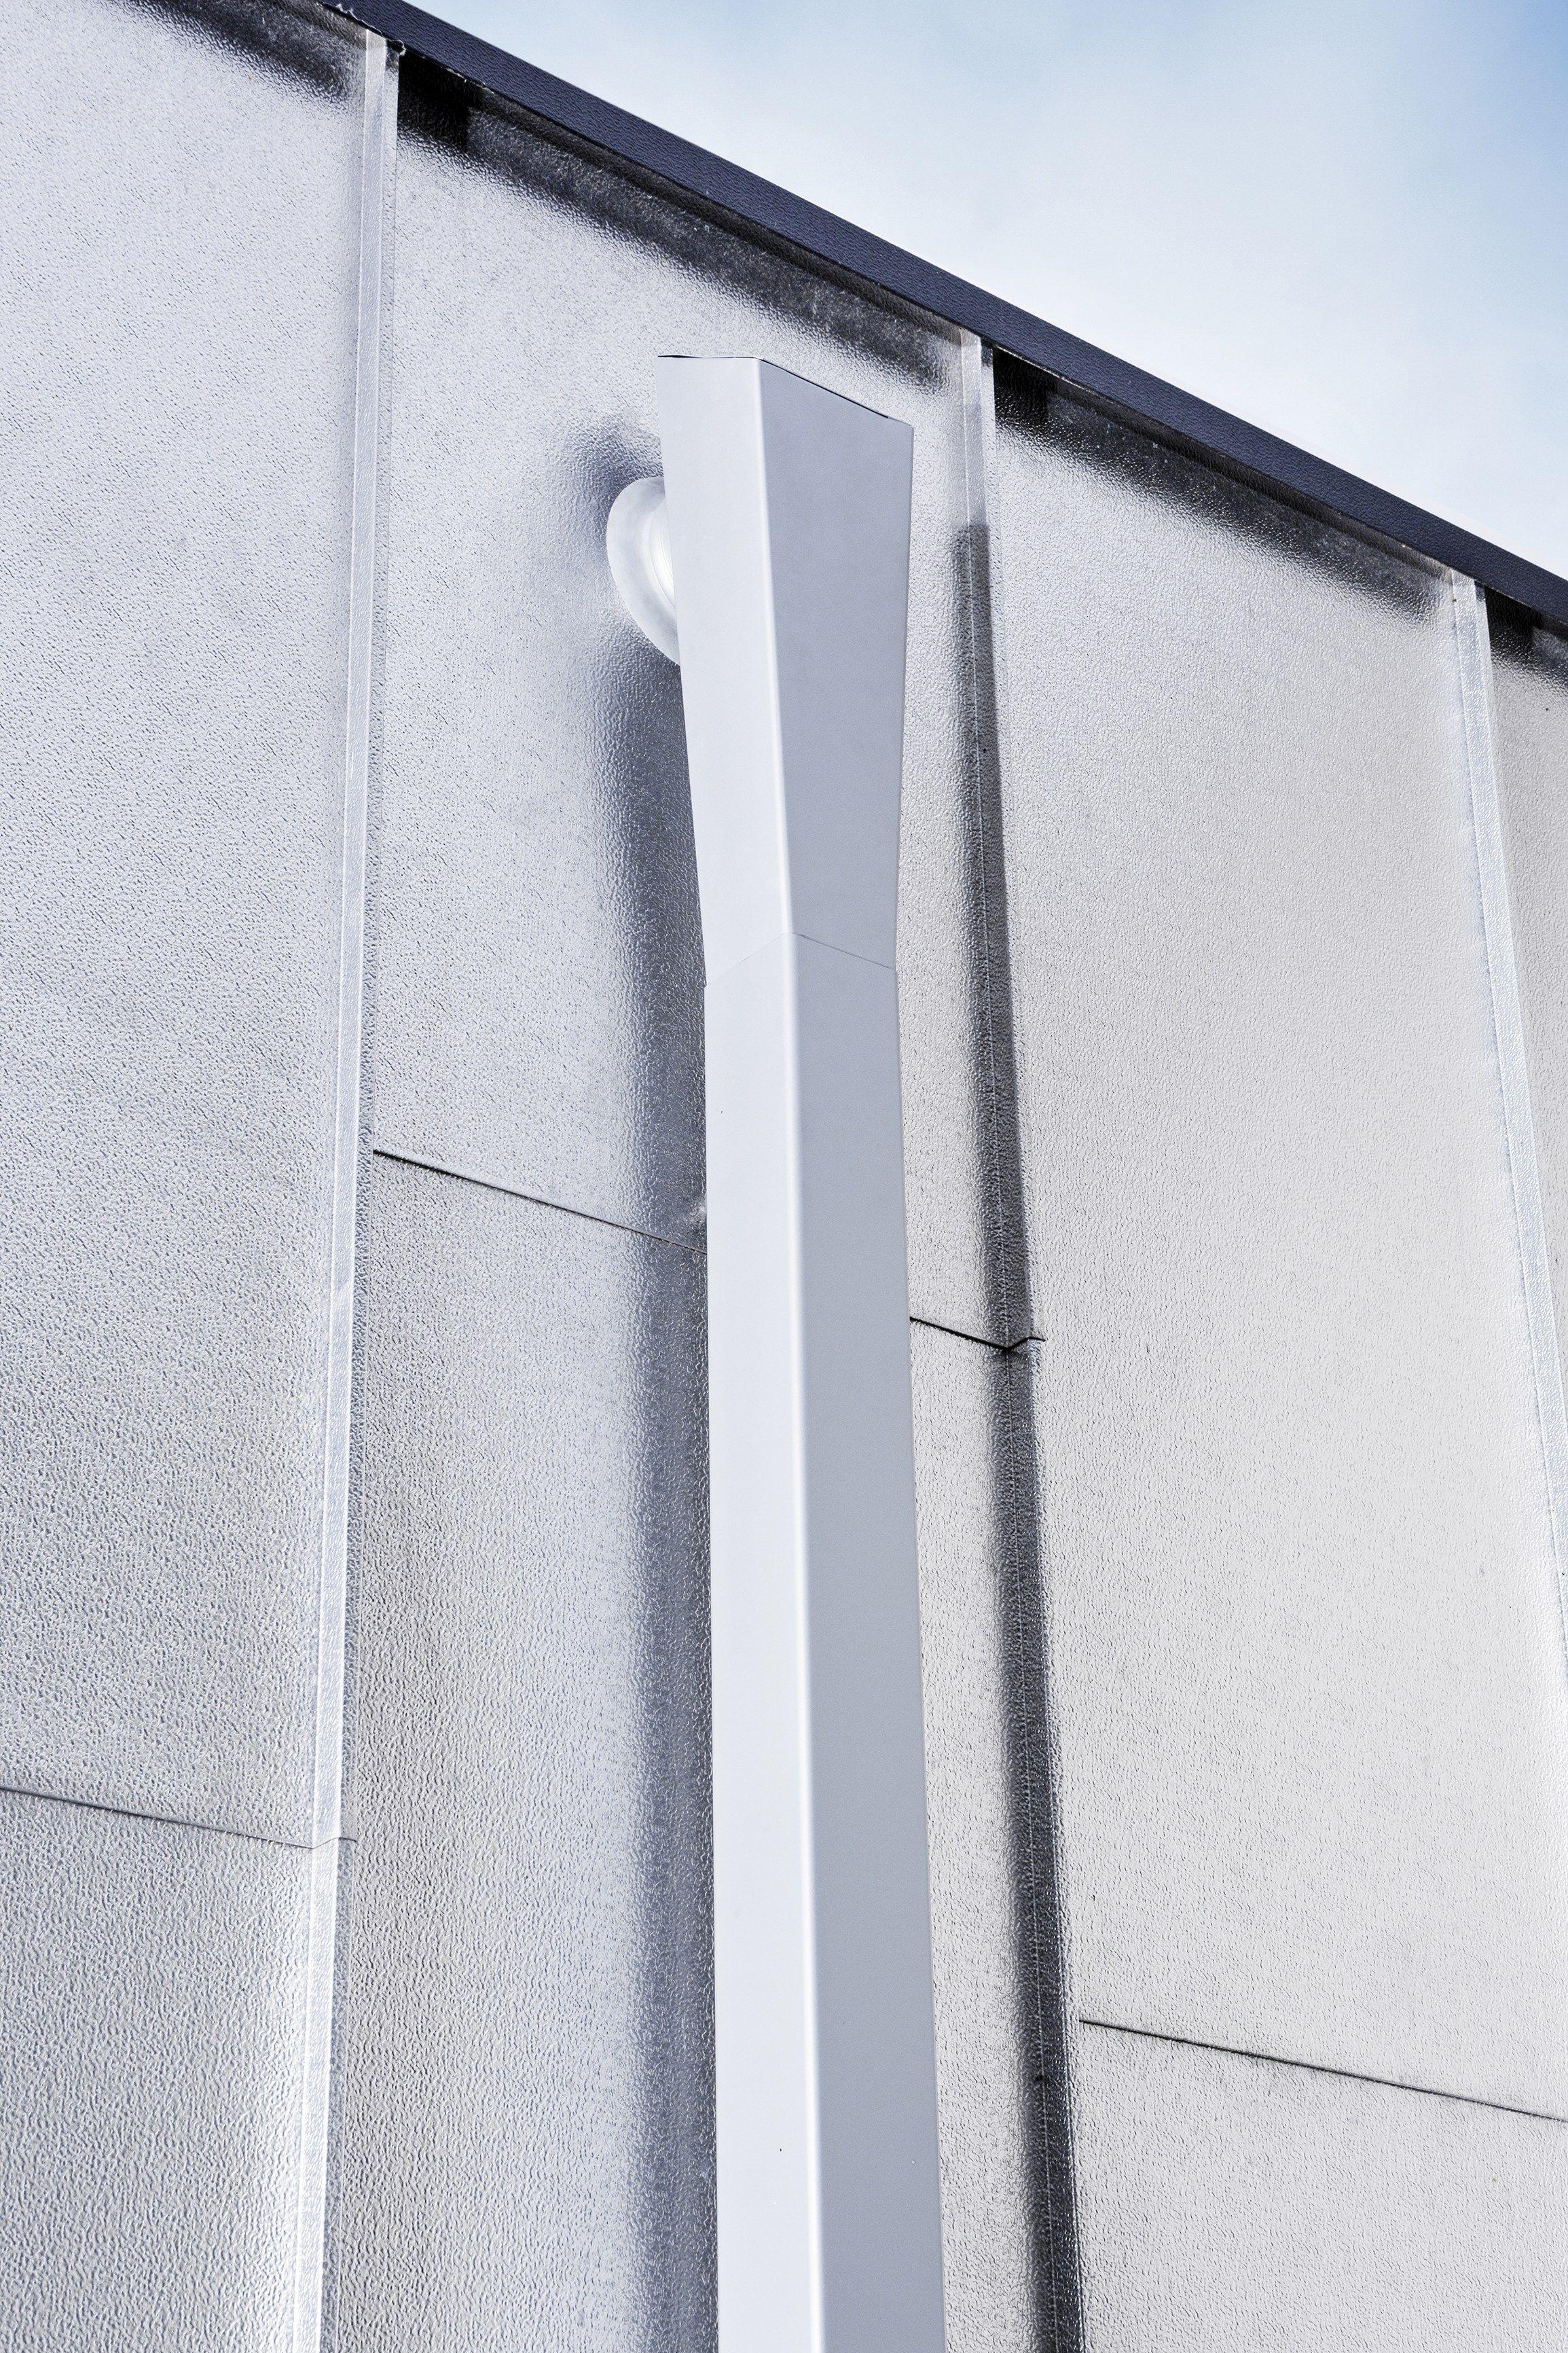 goutti re tuyau de descente en aluminium tuyau de. Black Bedroom Furniture Sets. Home Design Ideas